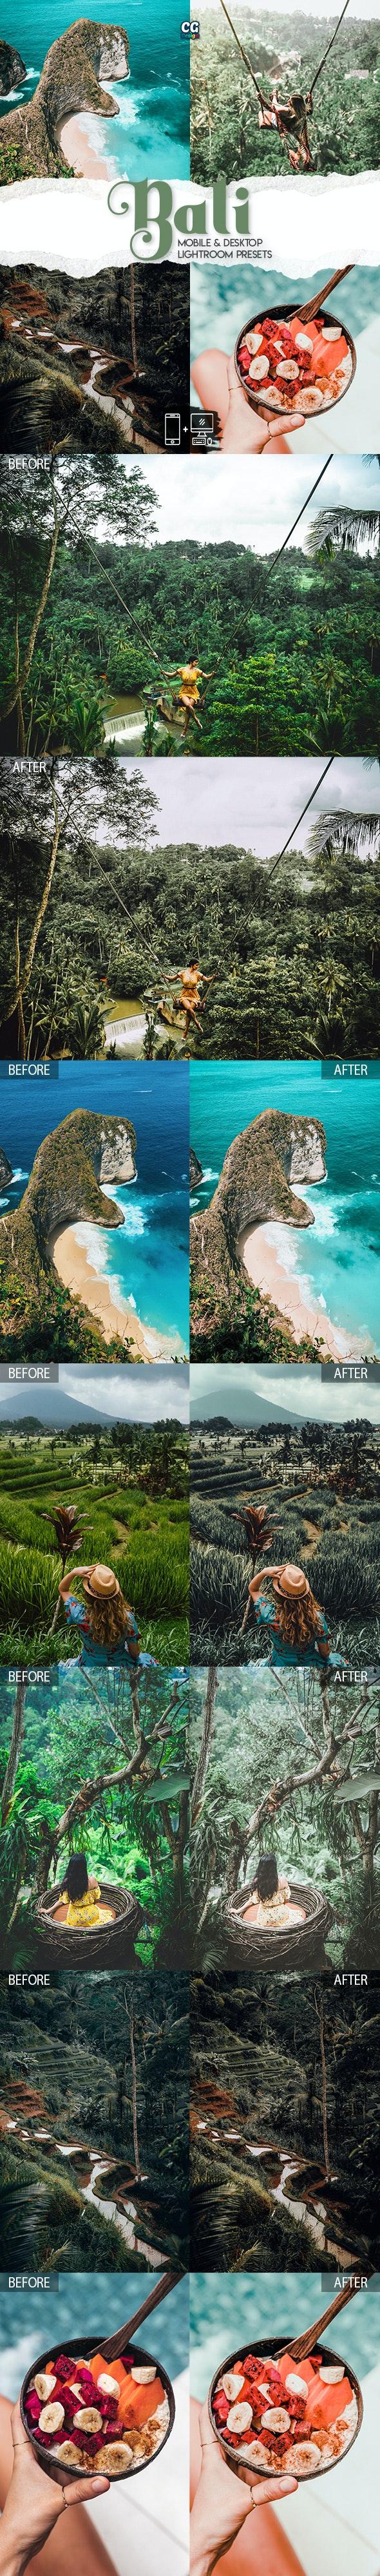 Bali Lightroom Presets - 15 Premium Lightroom Presets - Lightroom Presets Add-ons